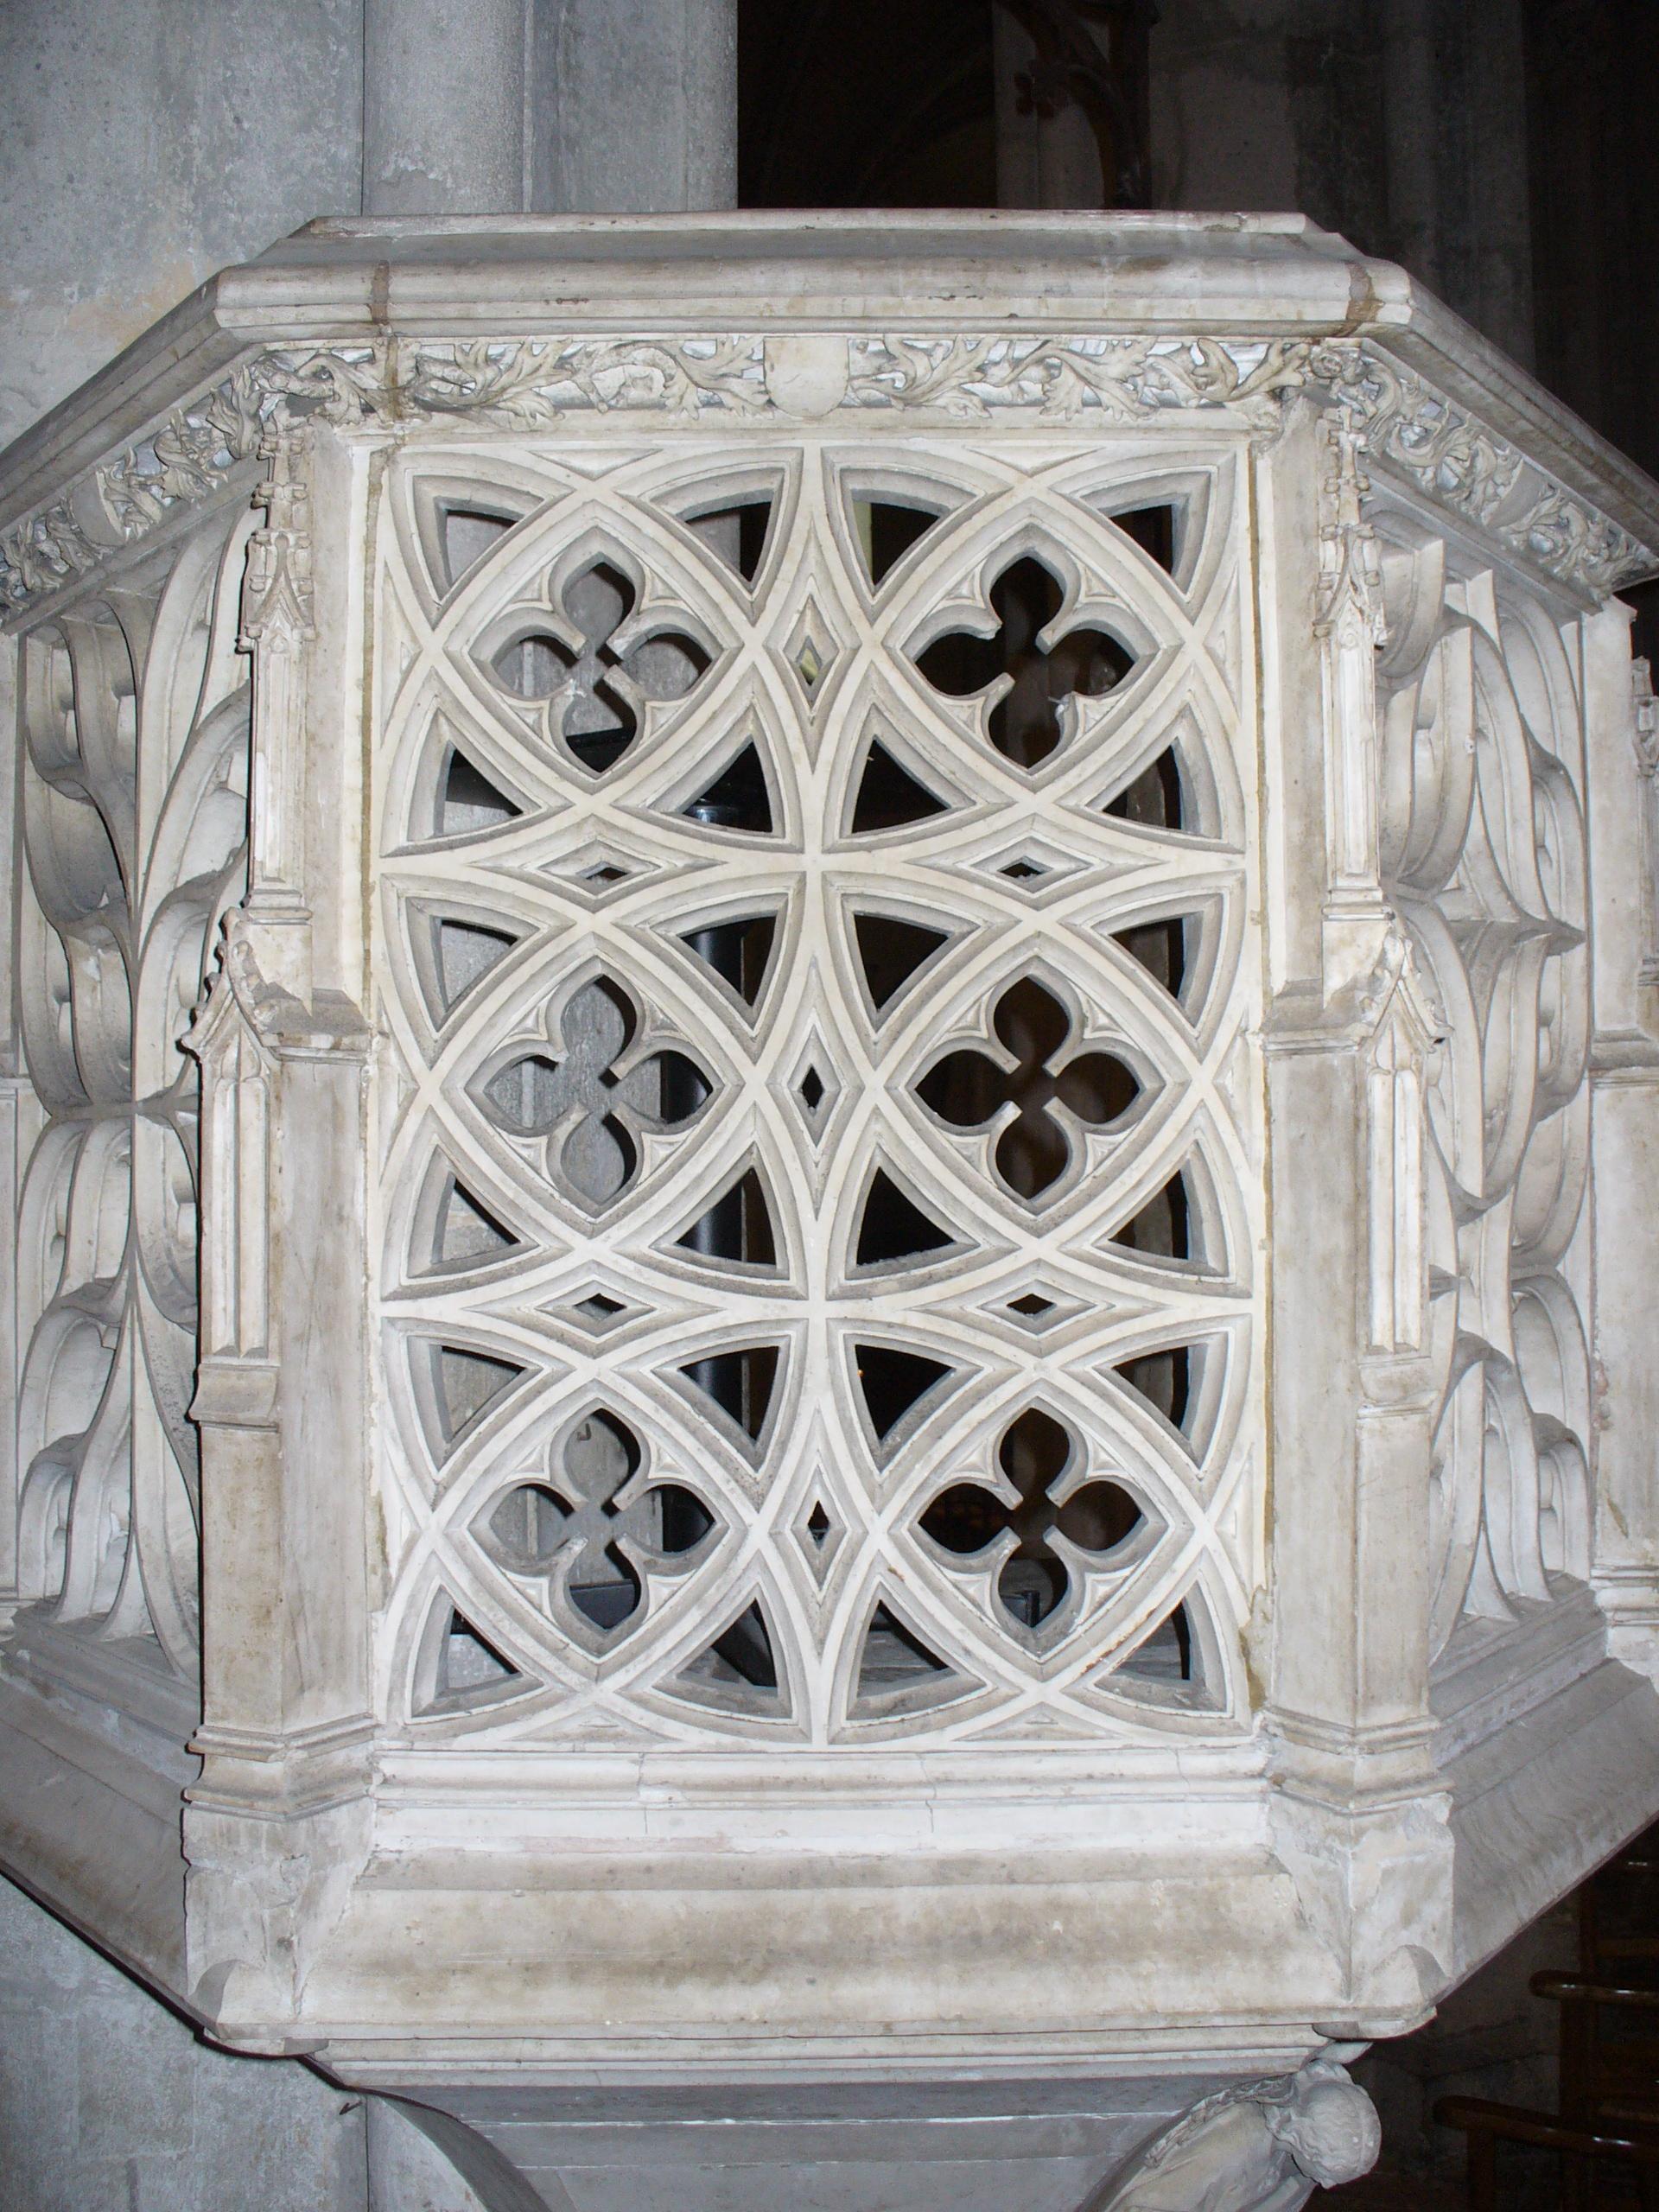 Panneau référence de la chaire à prêcher de la cathédrale de Besançon 1459